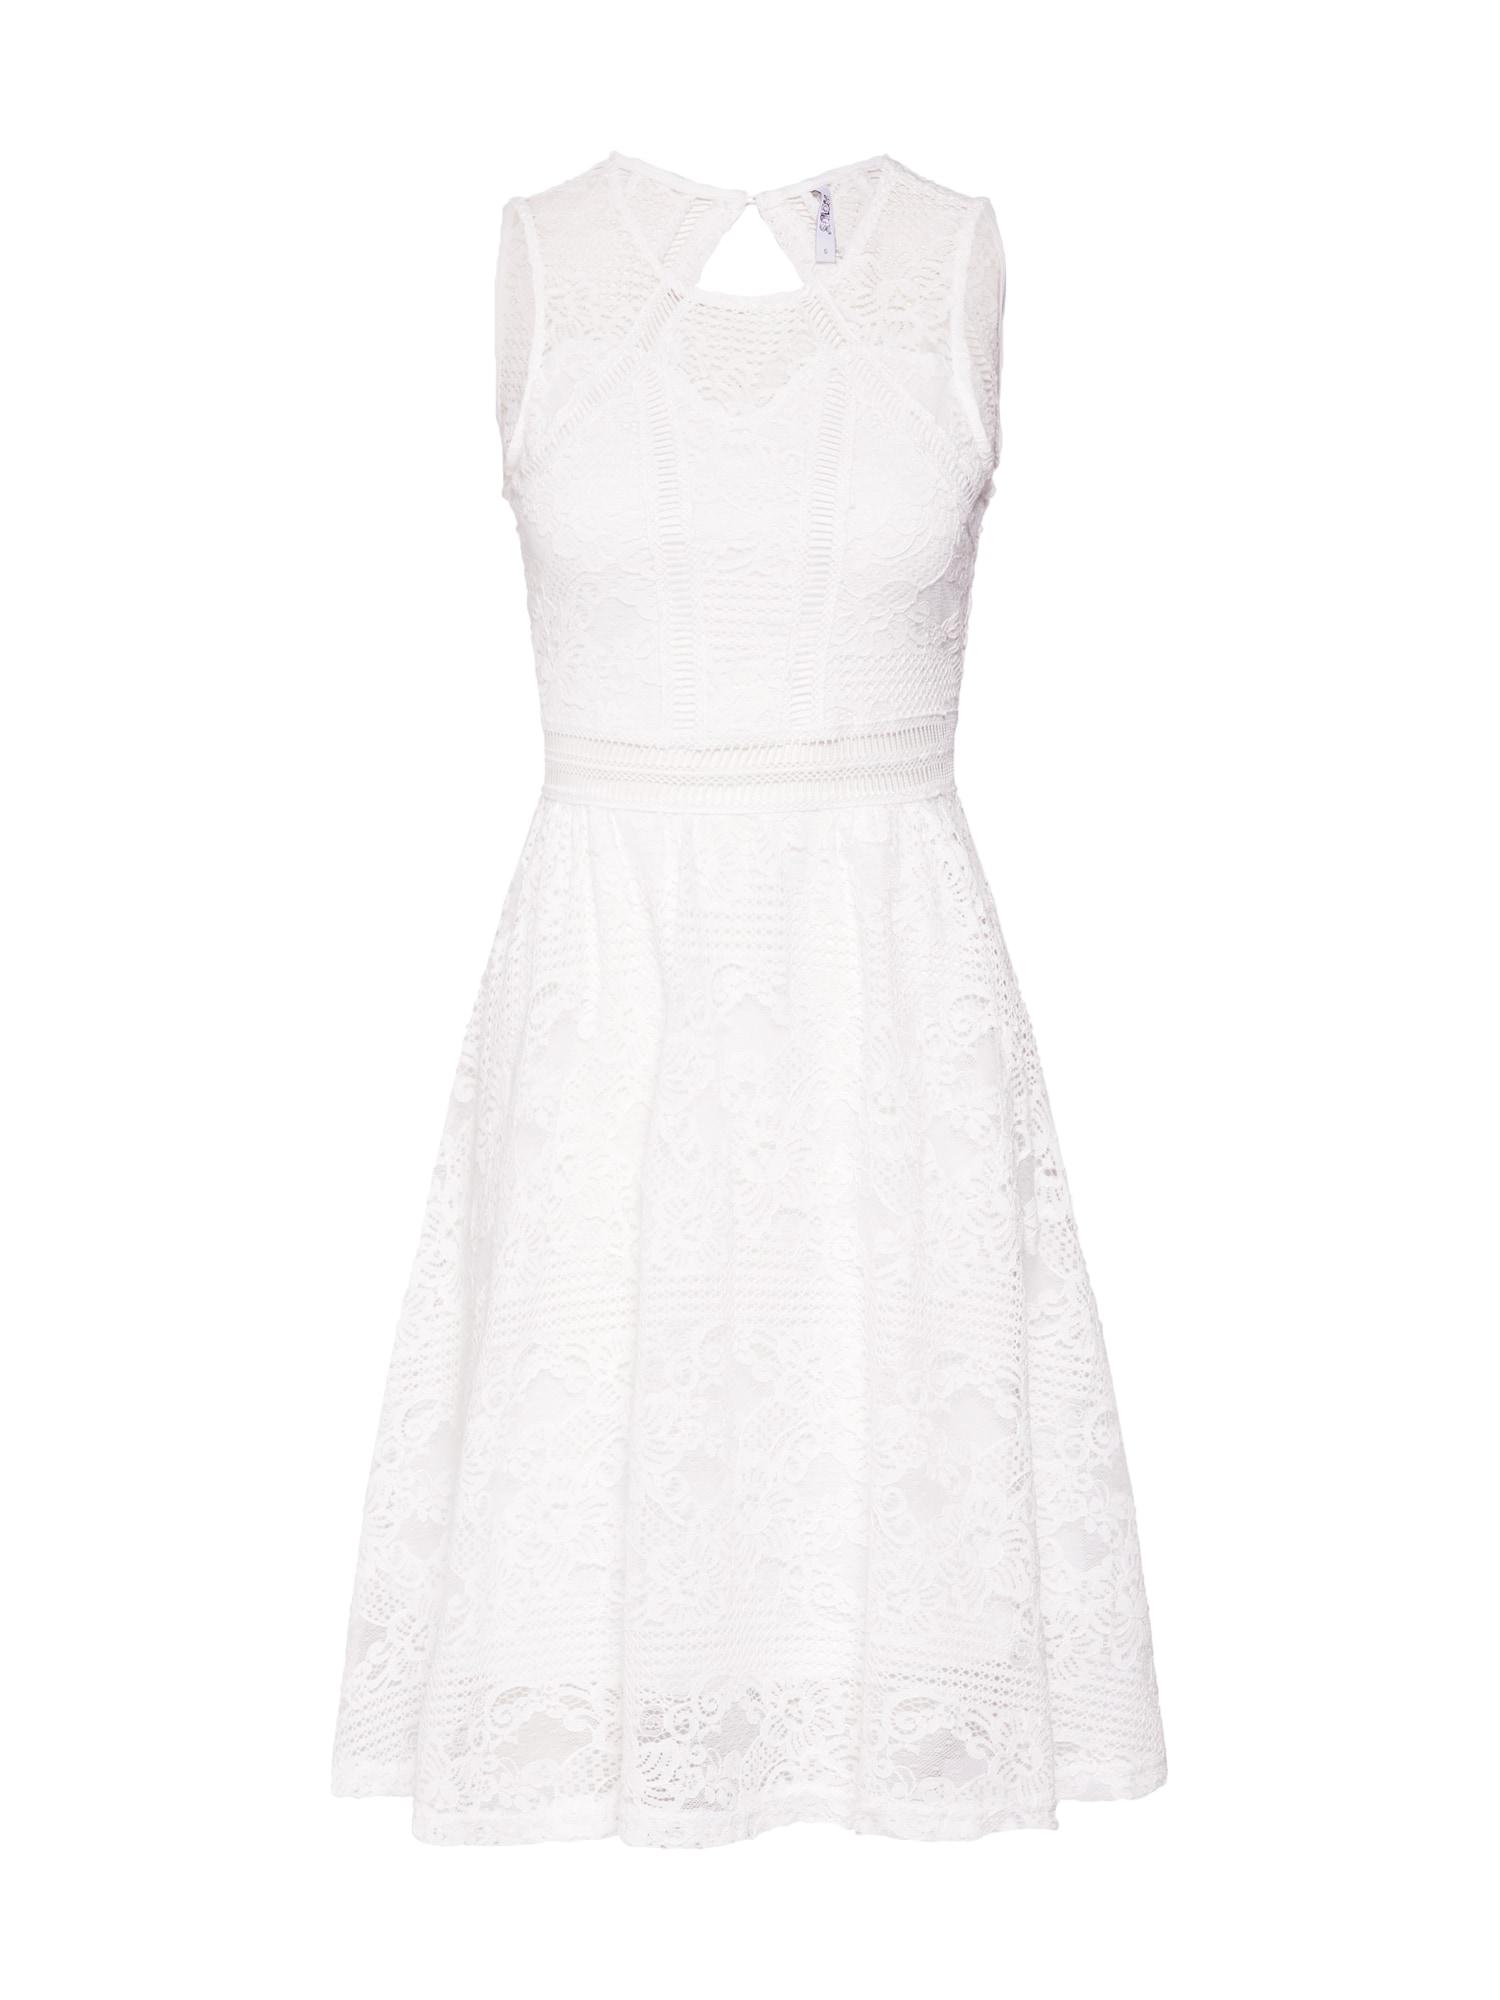 Letní šaty Cora bílá Hailys